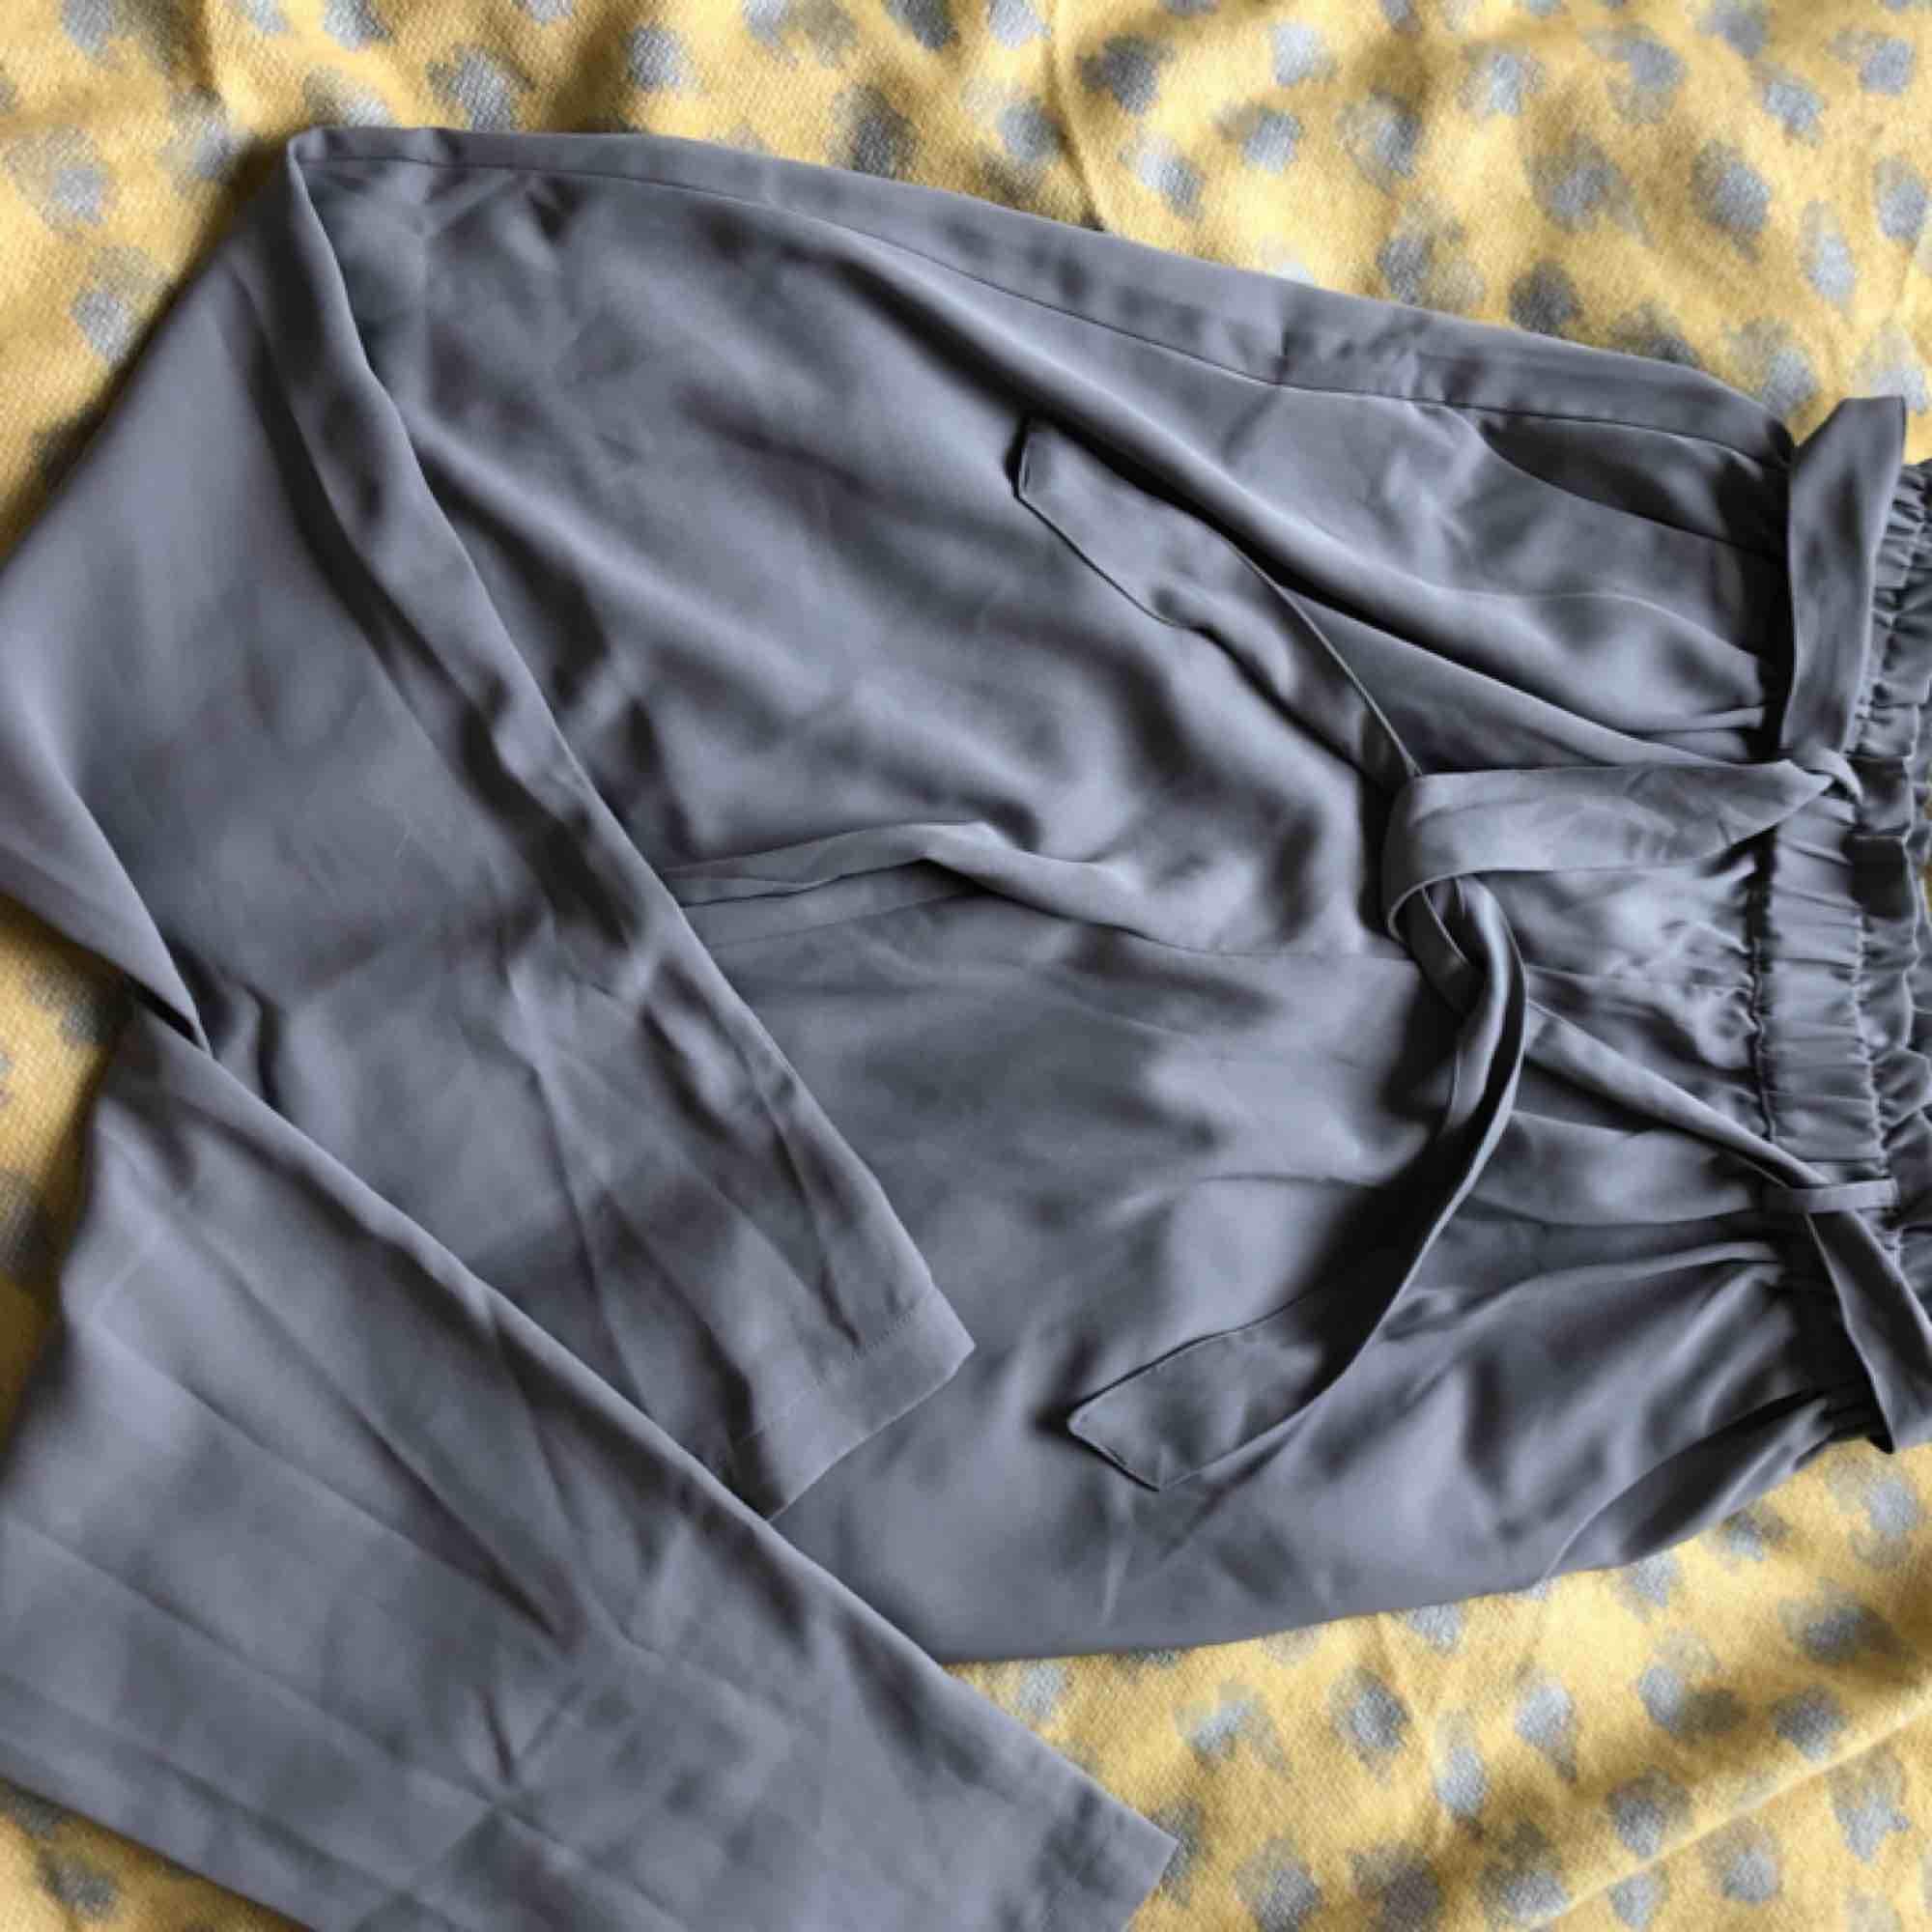 Supersköna och snygga kostymbyxor från BikBok i storlek S men som i mina ögon passar helt klart M också som jag brukat ha egentligen. Säljer pga ingen användning 😀. Kostymer.